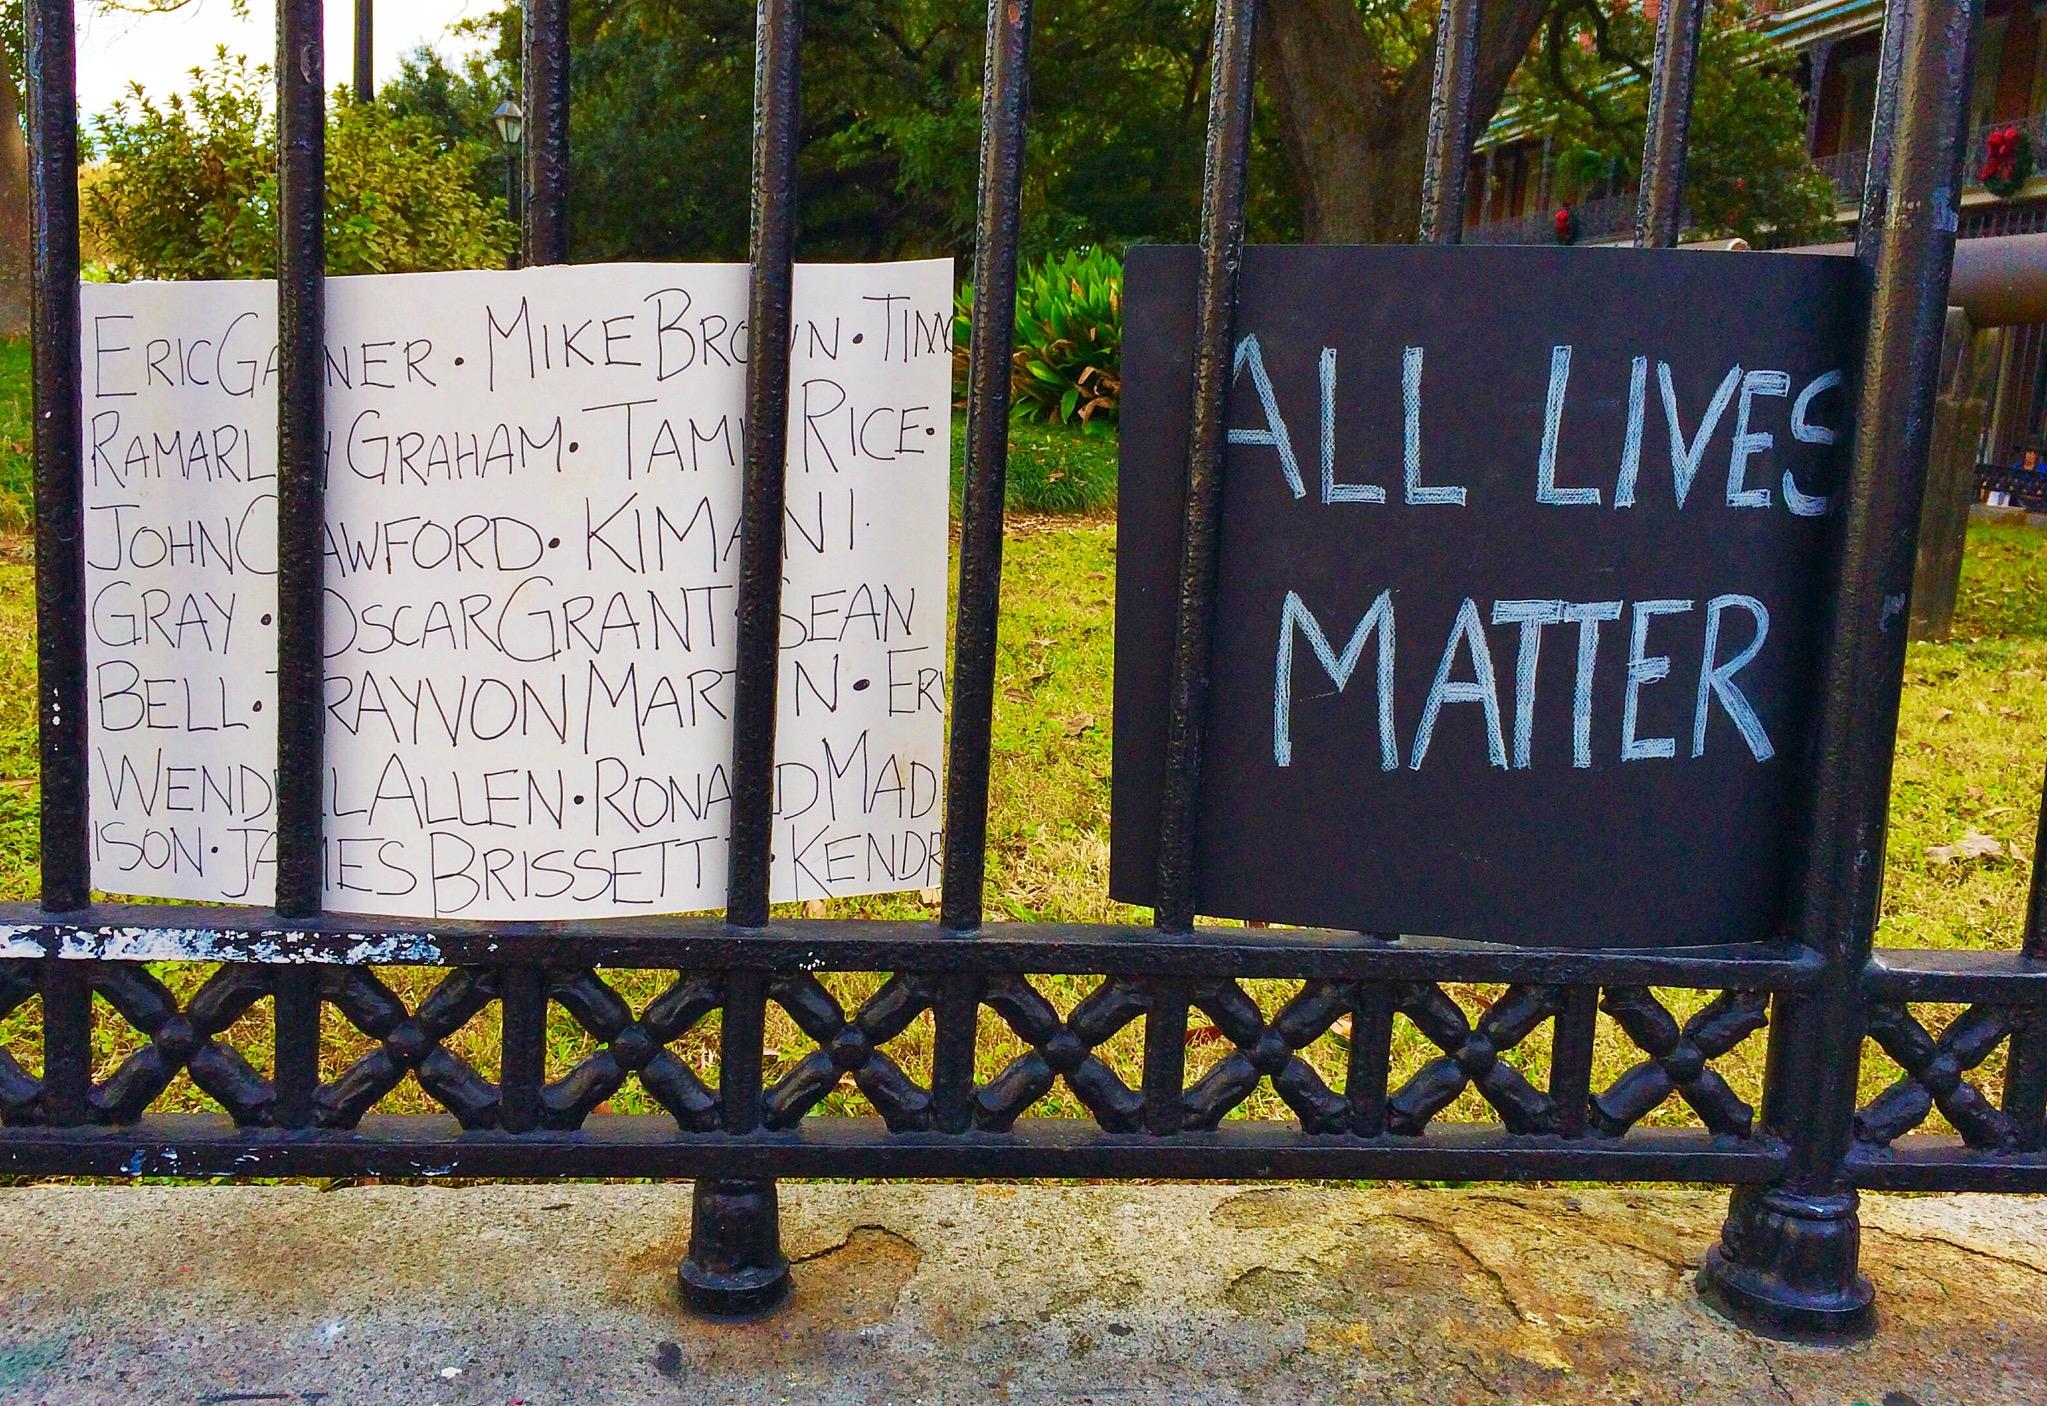 All Lives Matter by Jann Alexander © 2014